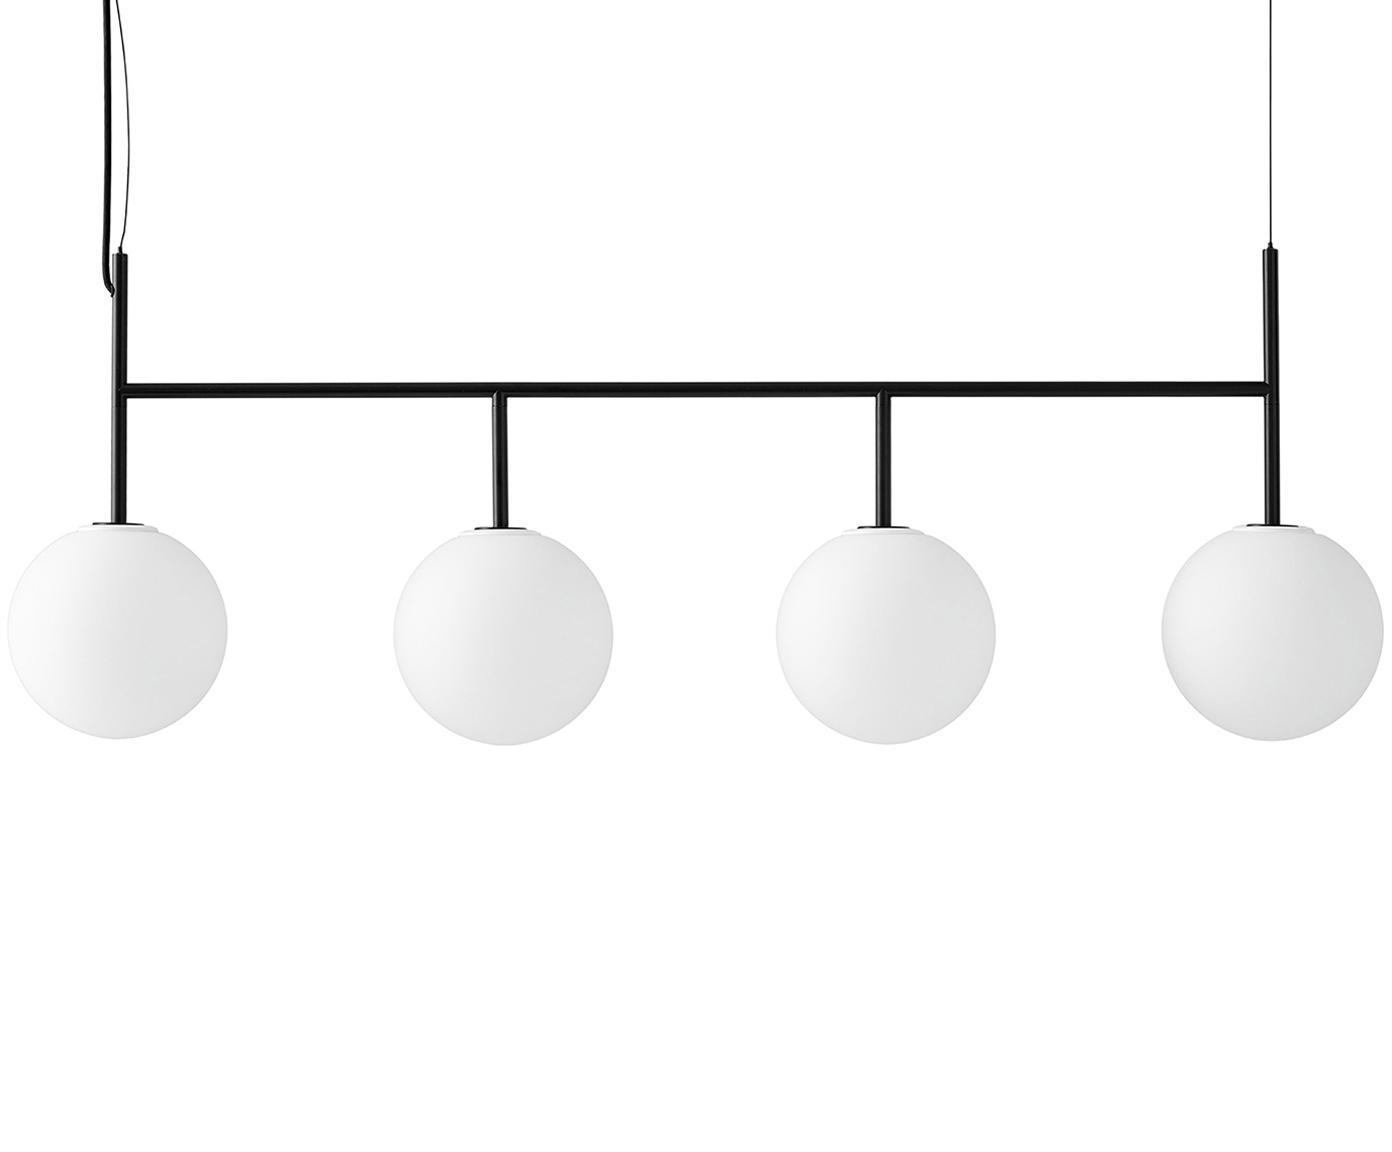 Lampa wisząca LED  TR Bulb, Biały, czarny, S 125 x W 45 cm